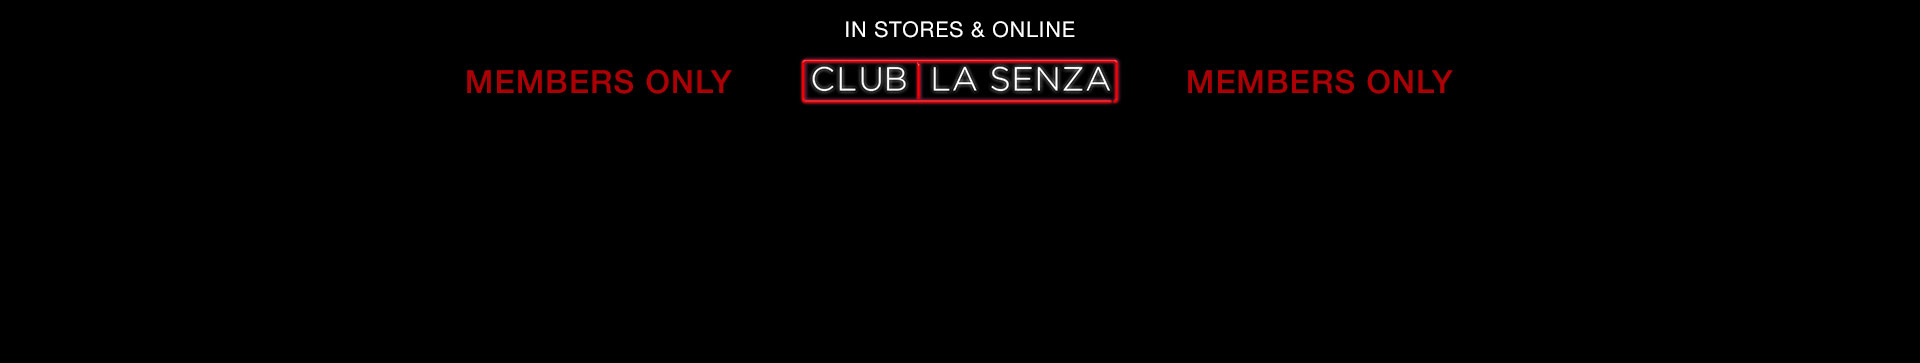 Club La Senza.